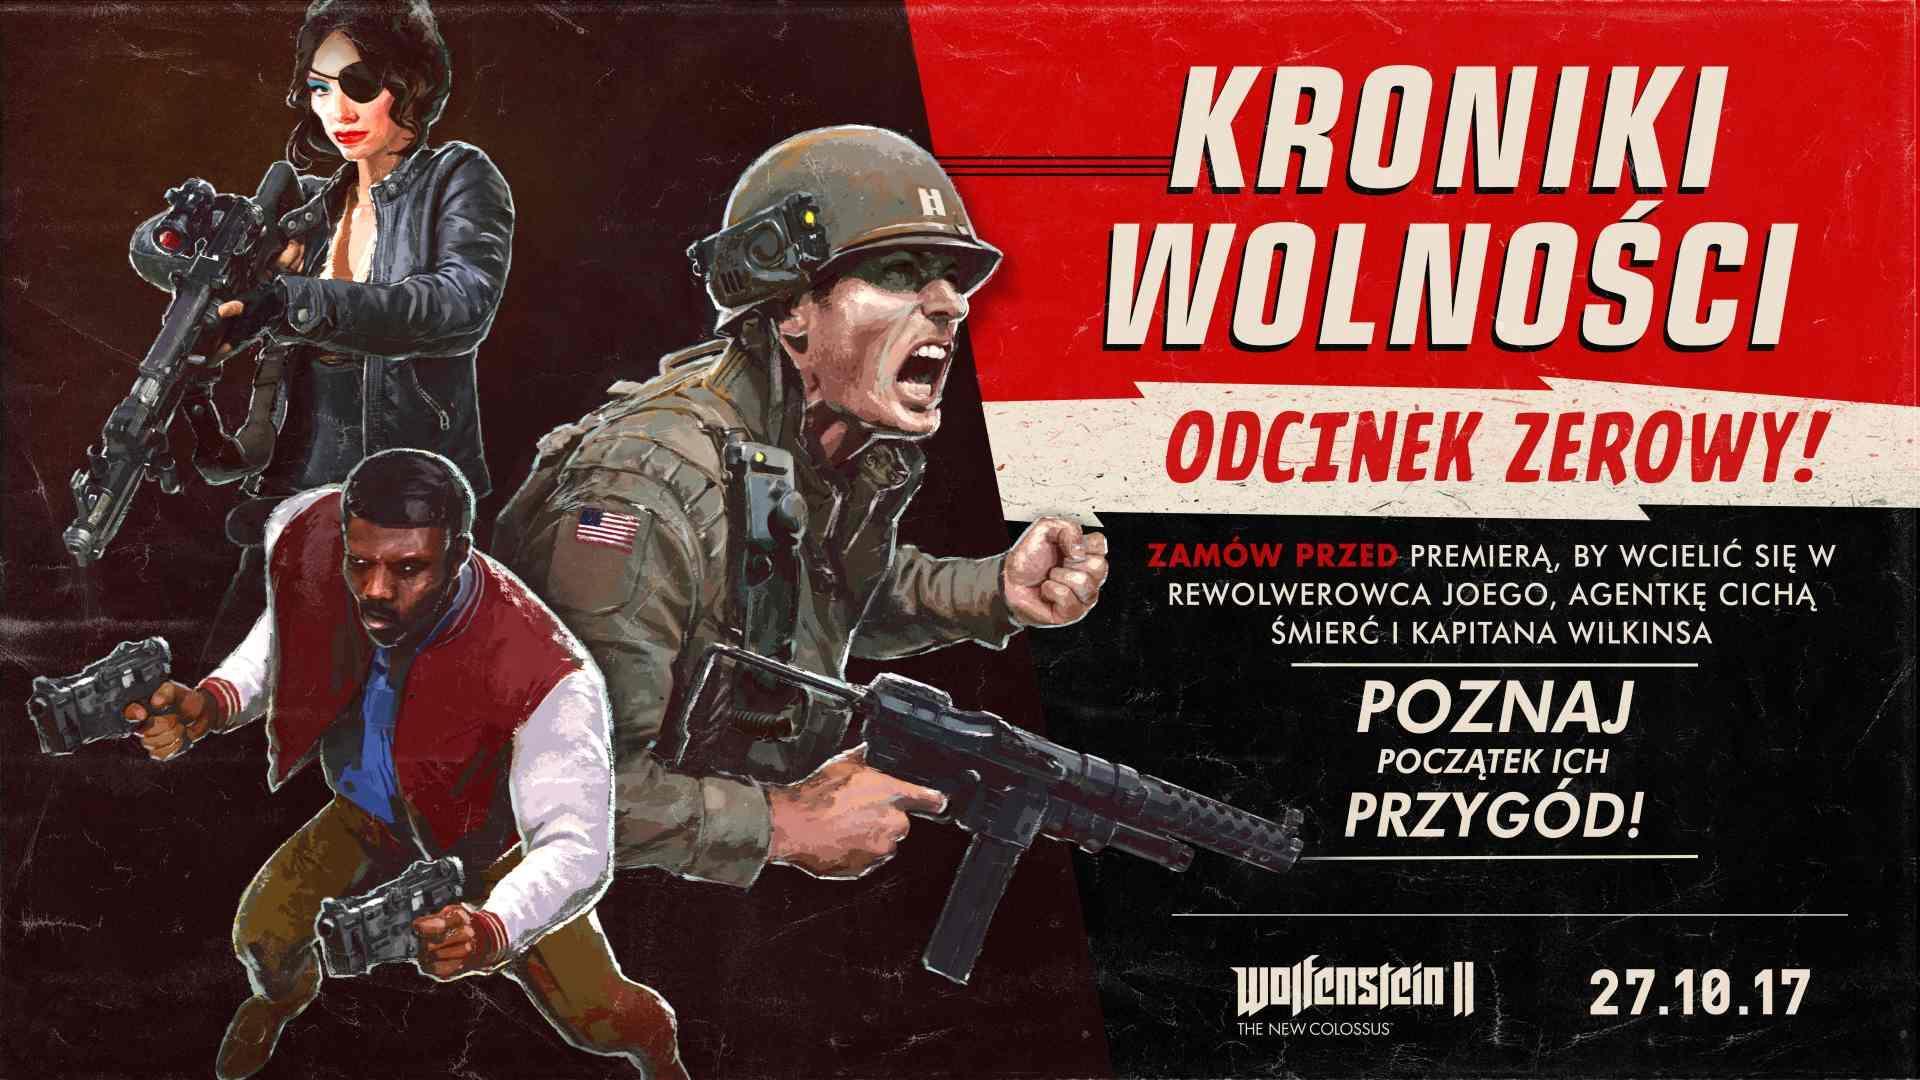 Первые дополнения к Wolfenstein II: The New Colossus